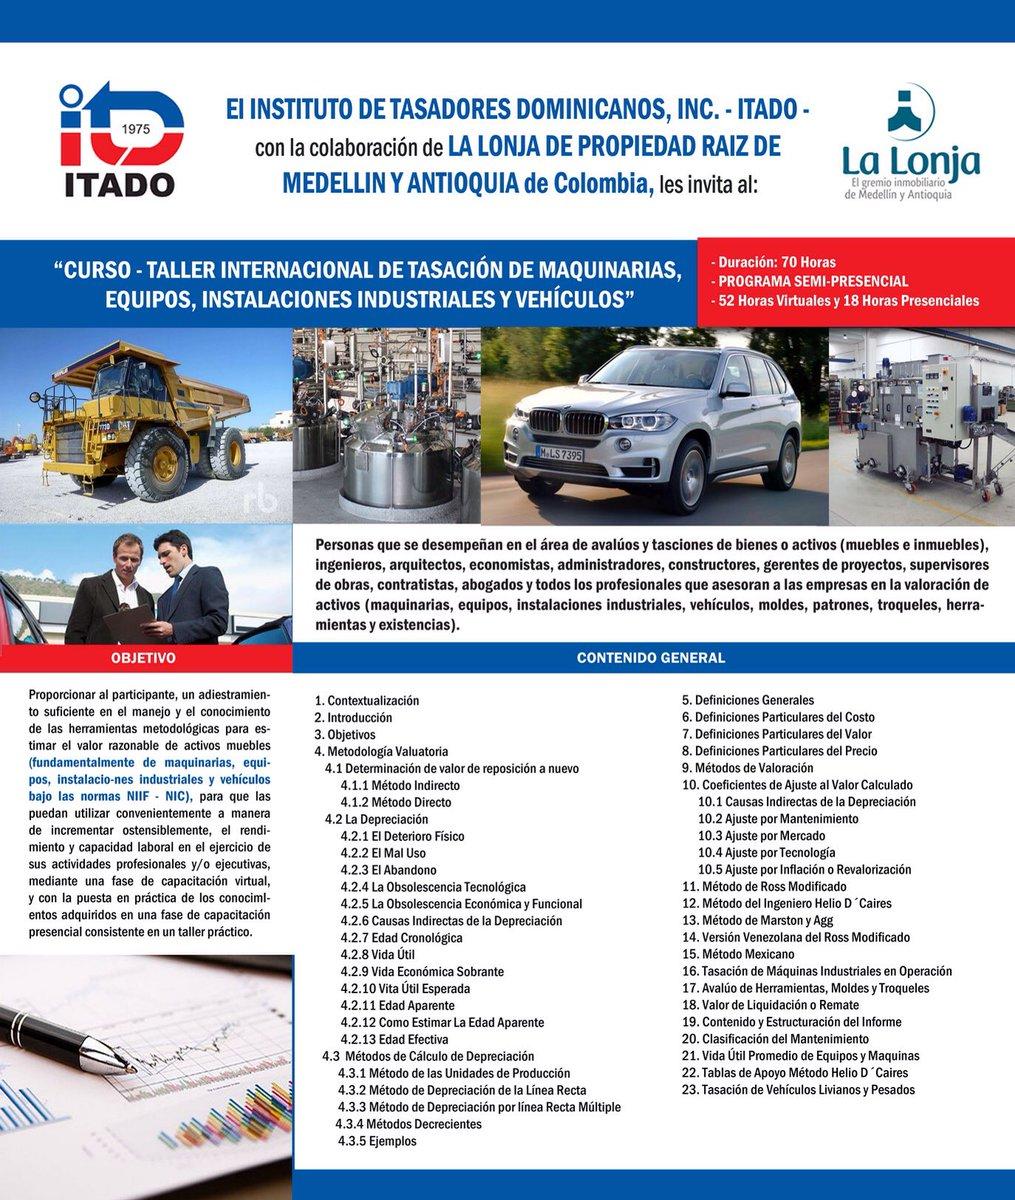 Itado Itado1 Twitter # Muebles Para Vehiculos Industriales